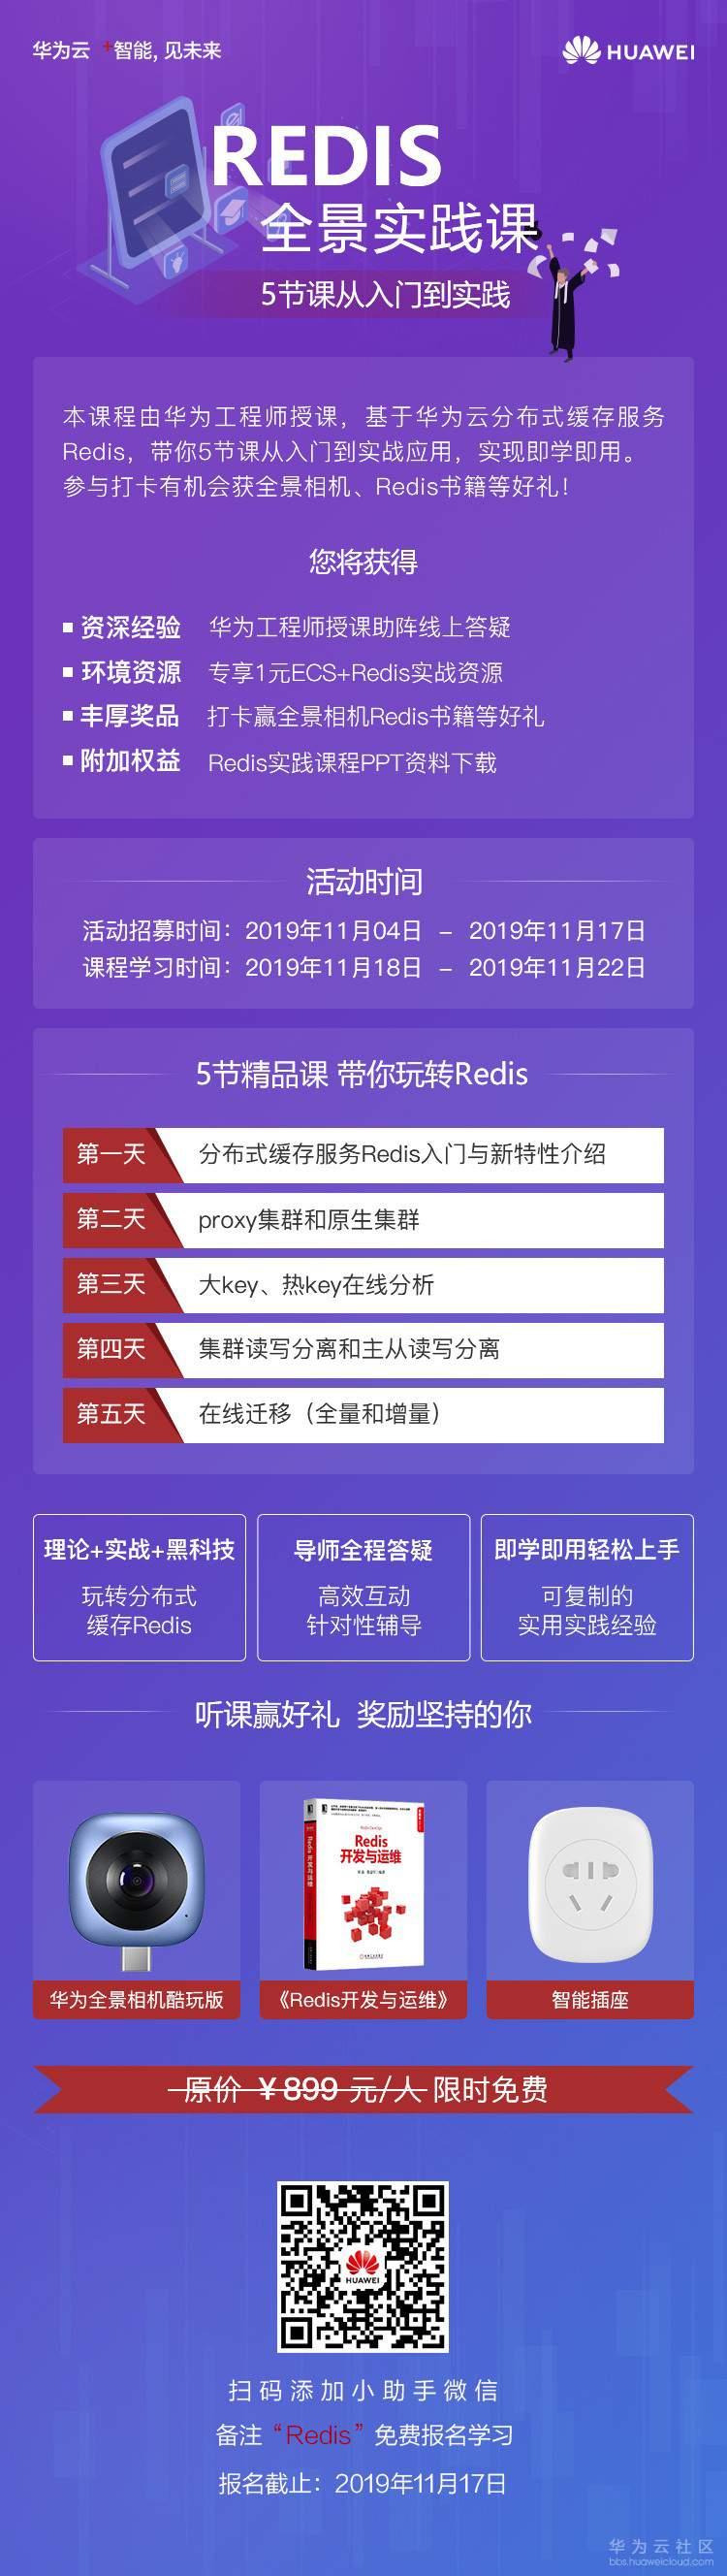 【二维码】142-Redis全景实践课活动海报.jpg